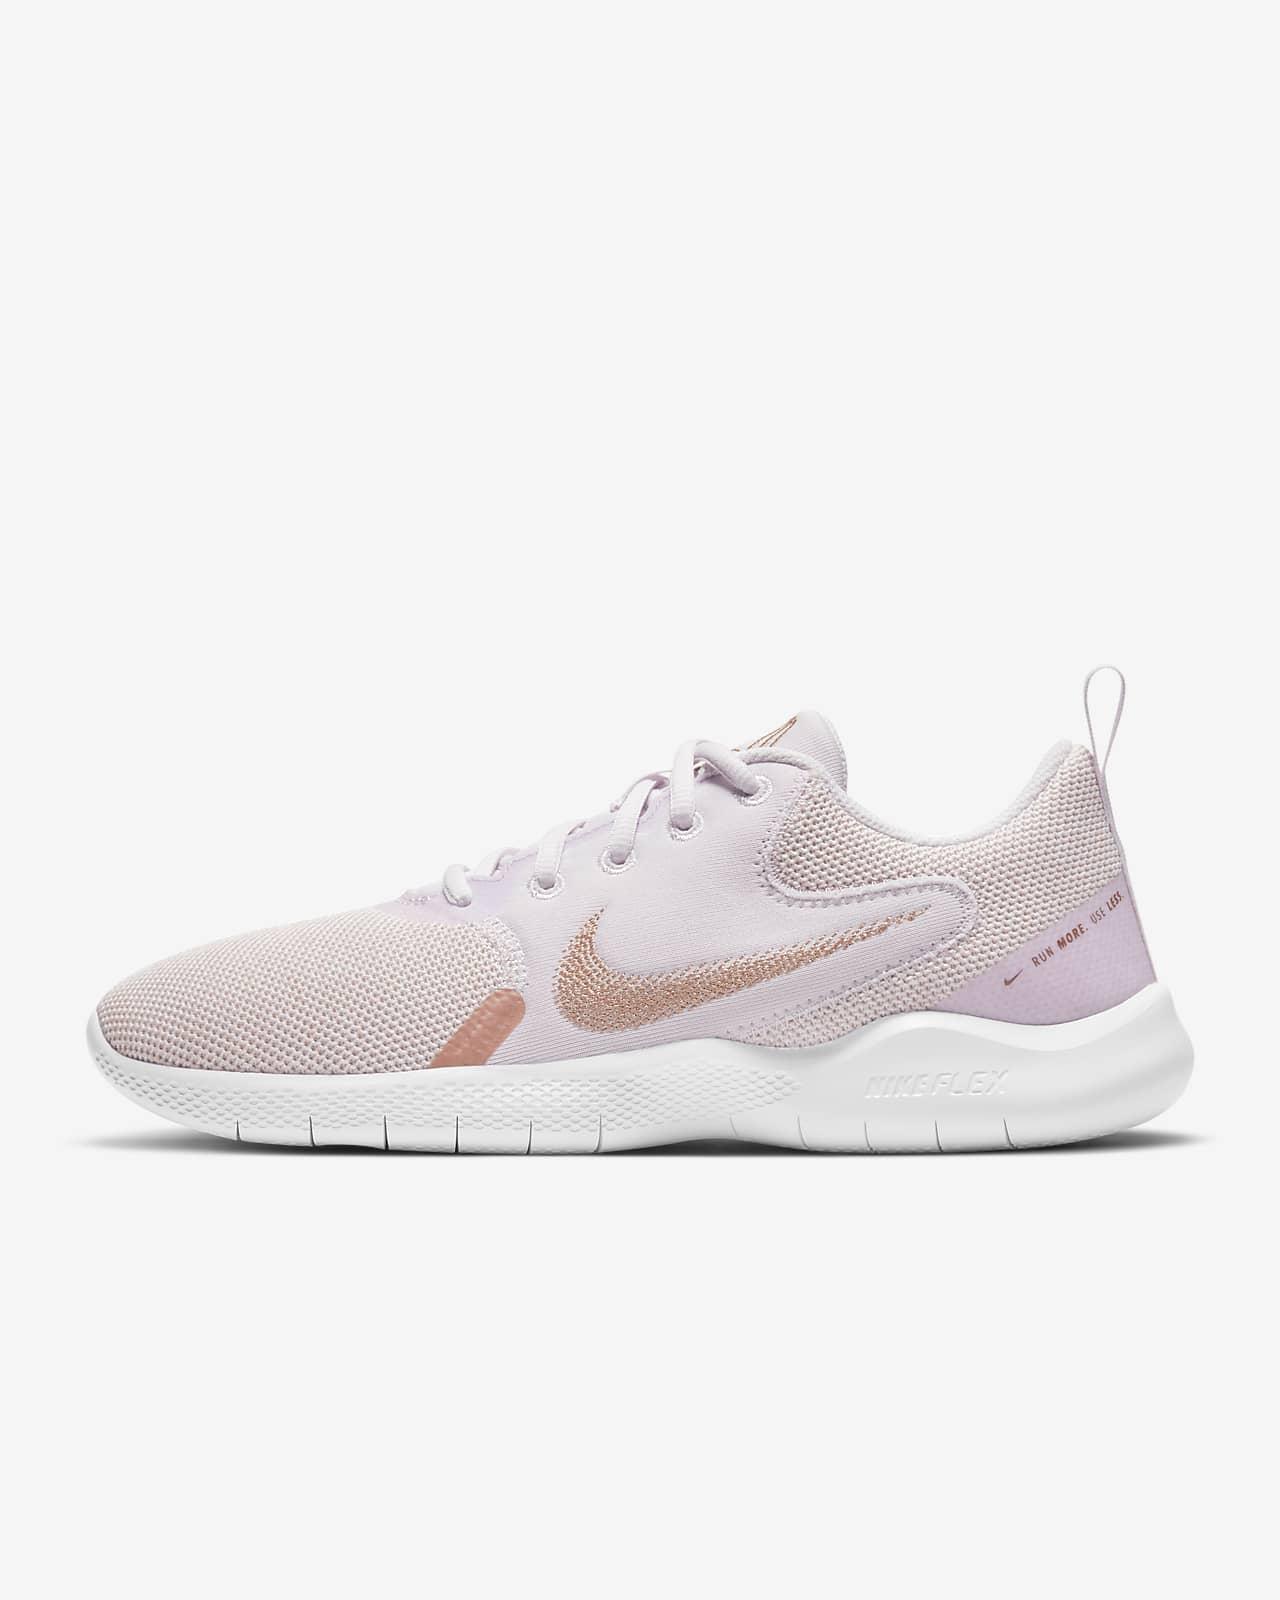 Chaussures de running Nike Flex Experience Run 10 pour Femme